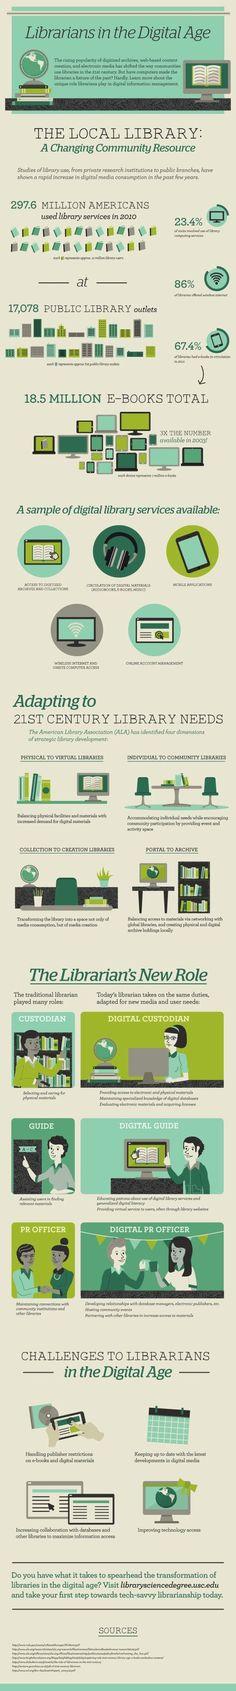 infographic_librariansinthedigitalage.jpg (540×3871)